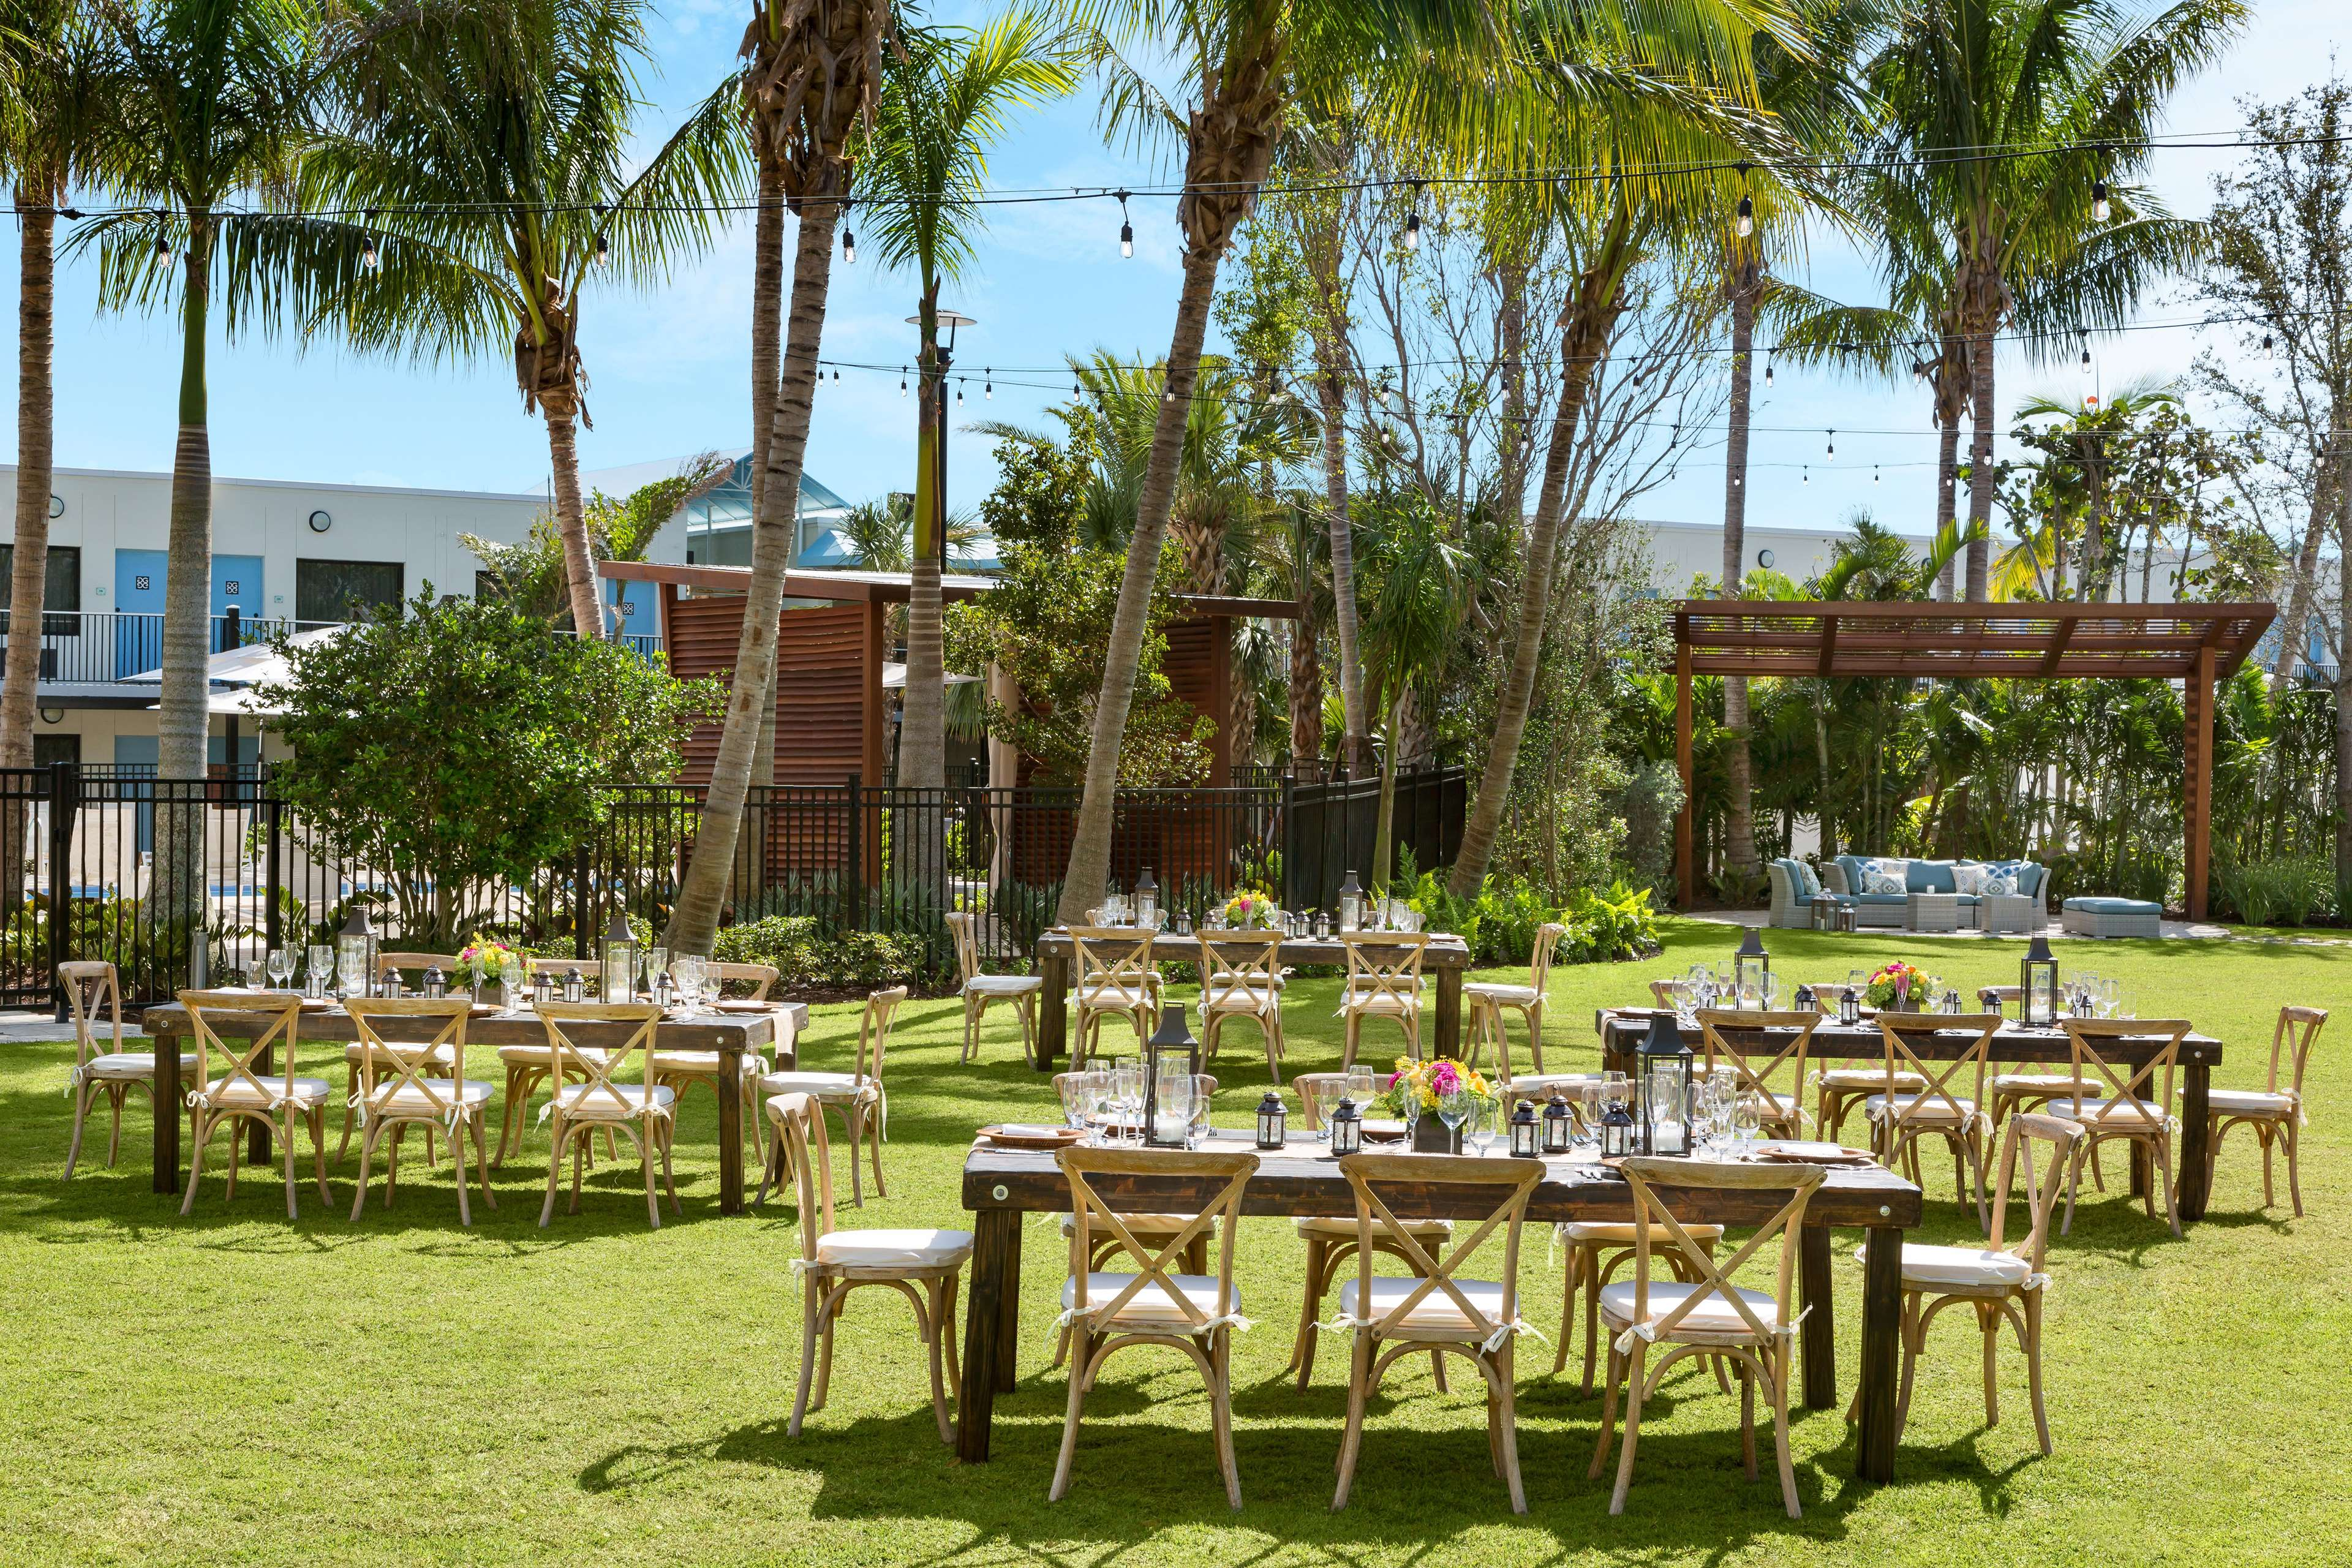 Hilton Garden Inn Key West / The Keys Collection